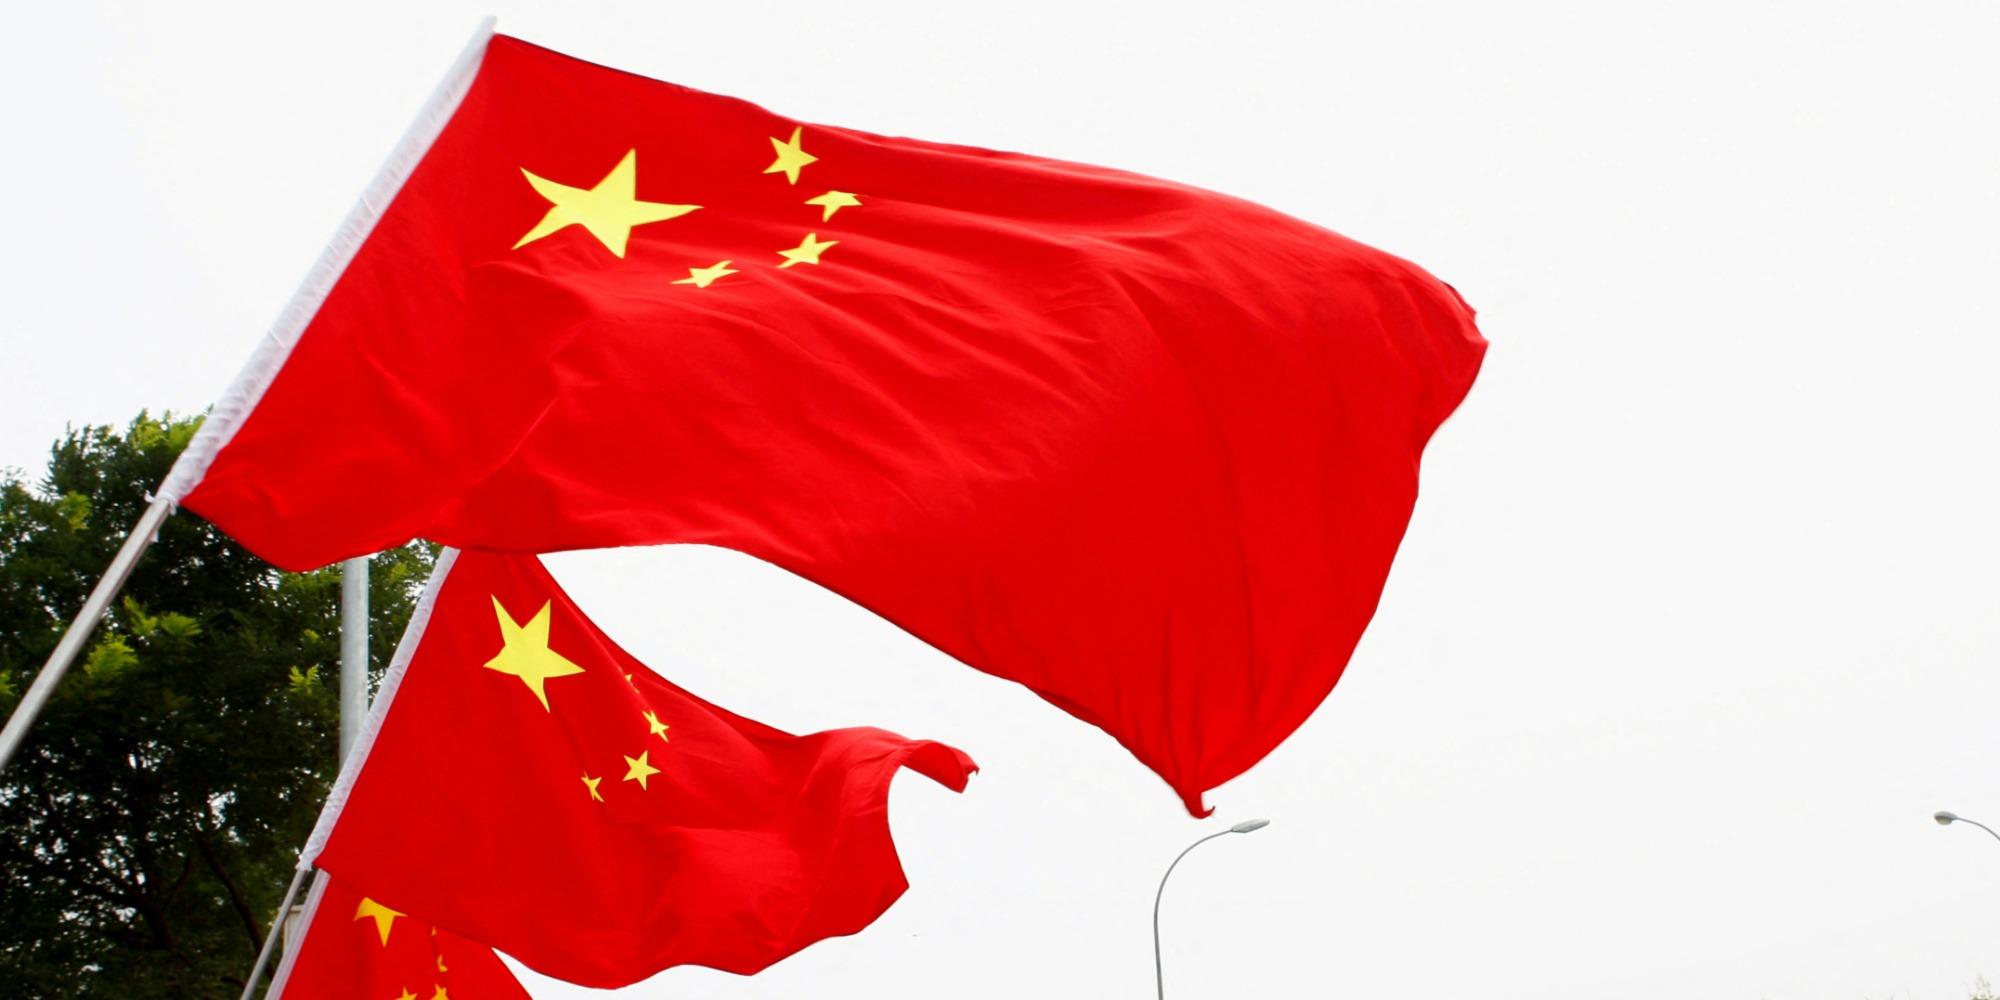 Pourquoi la Chine lorgne-t-elle sur la Nouvelle-Calédonie ?